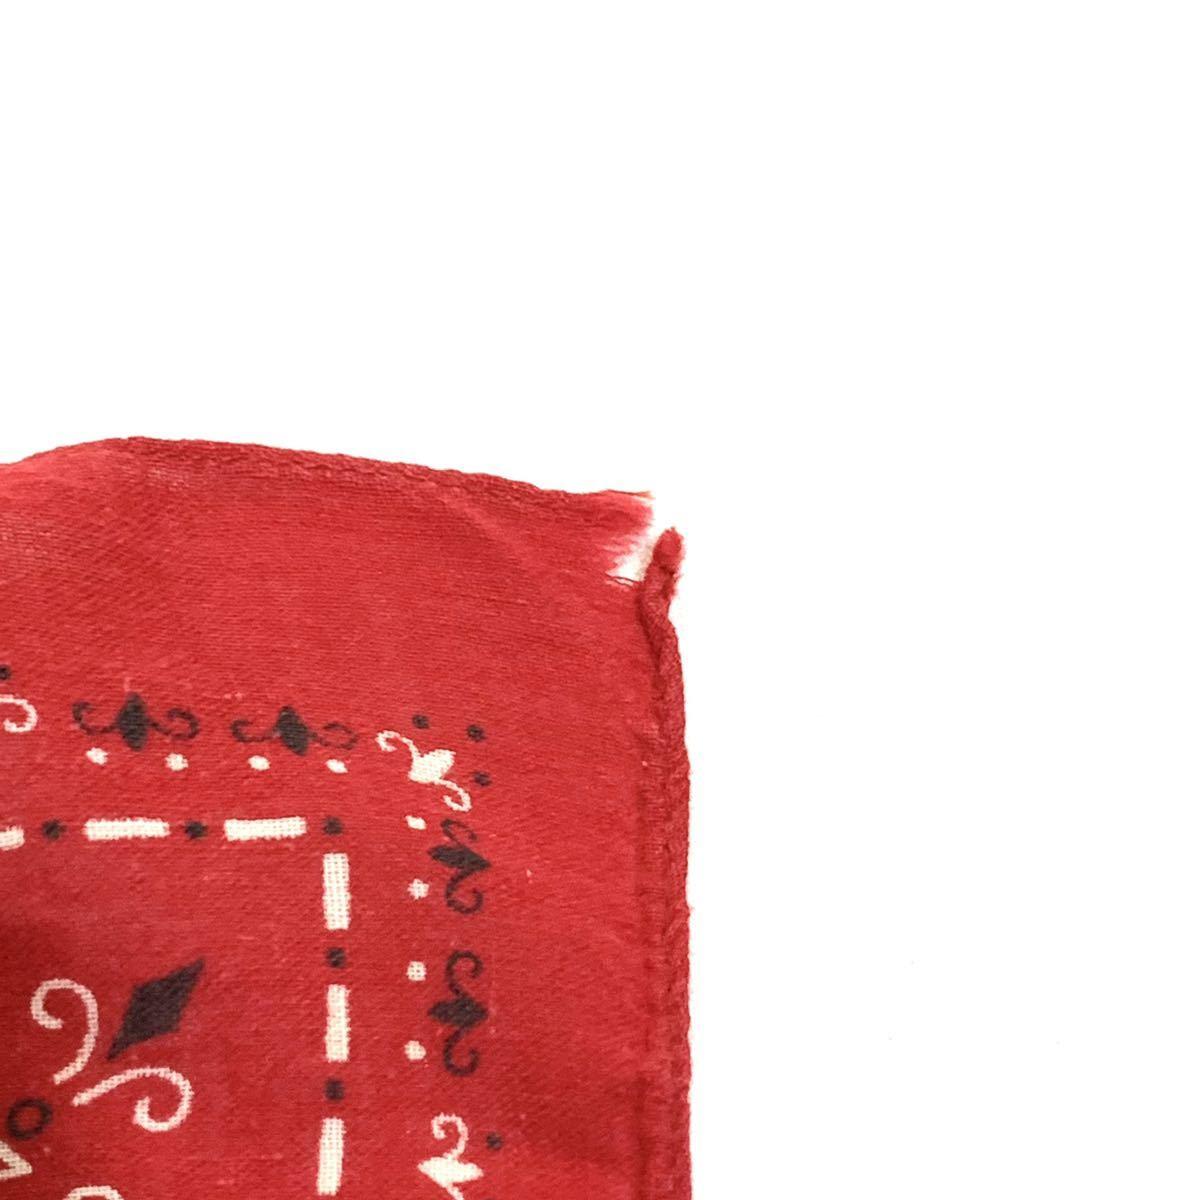 ■60s 60年代 FAST COLOR エレファントブランド 上鼻 幾何学模様 耳付き ビンテージ バンダナ 古着雑貨 小物 リメイク生地 ファブリック■_画像3